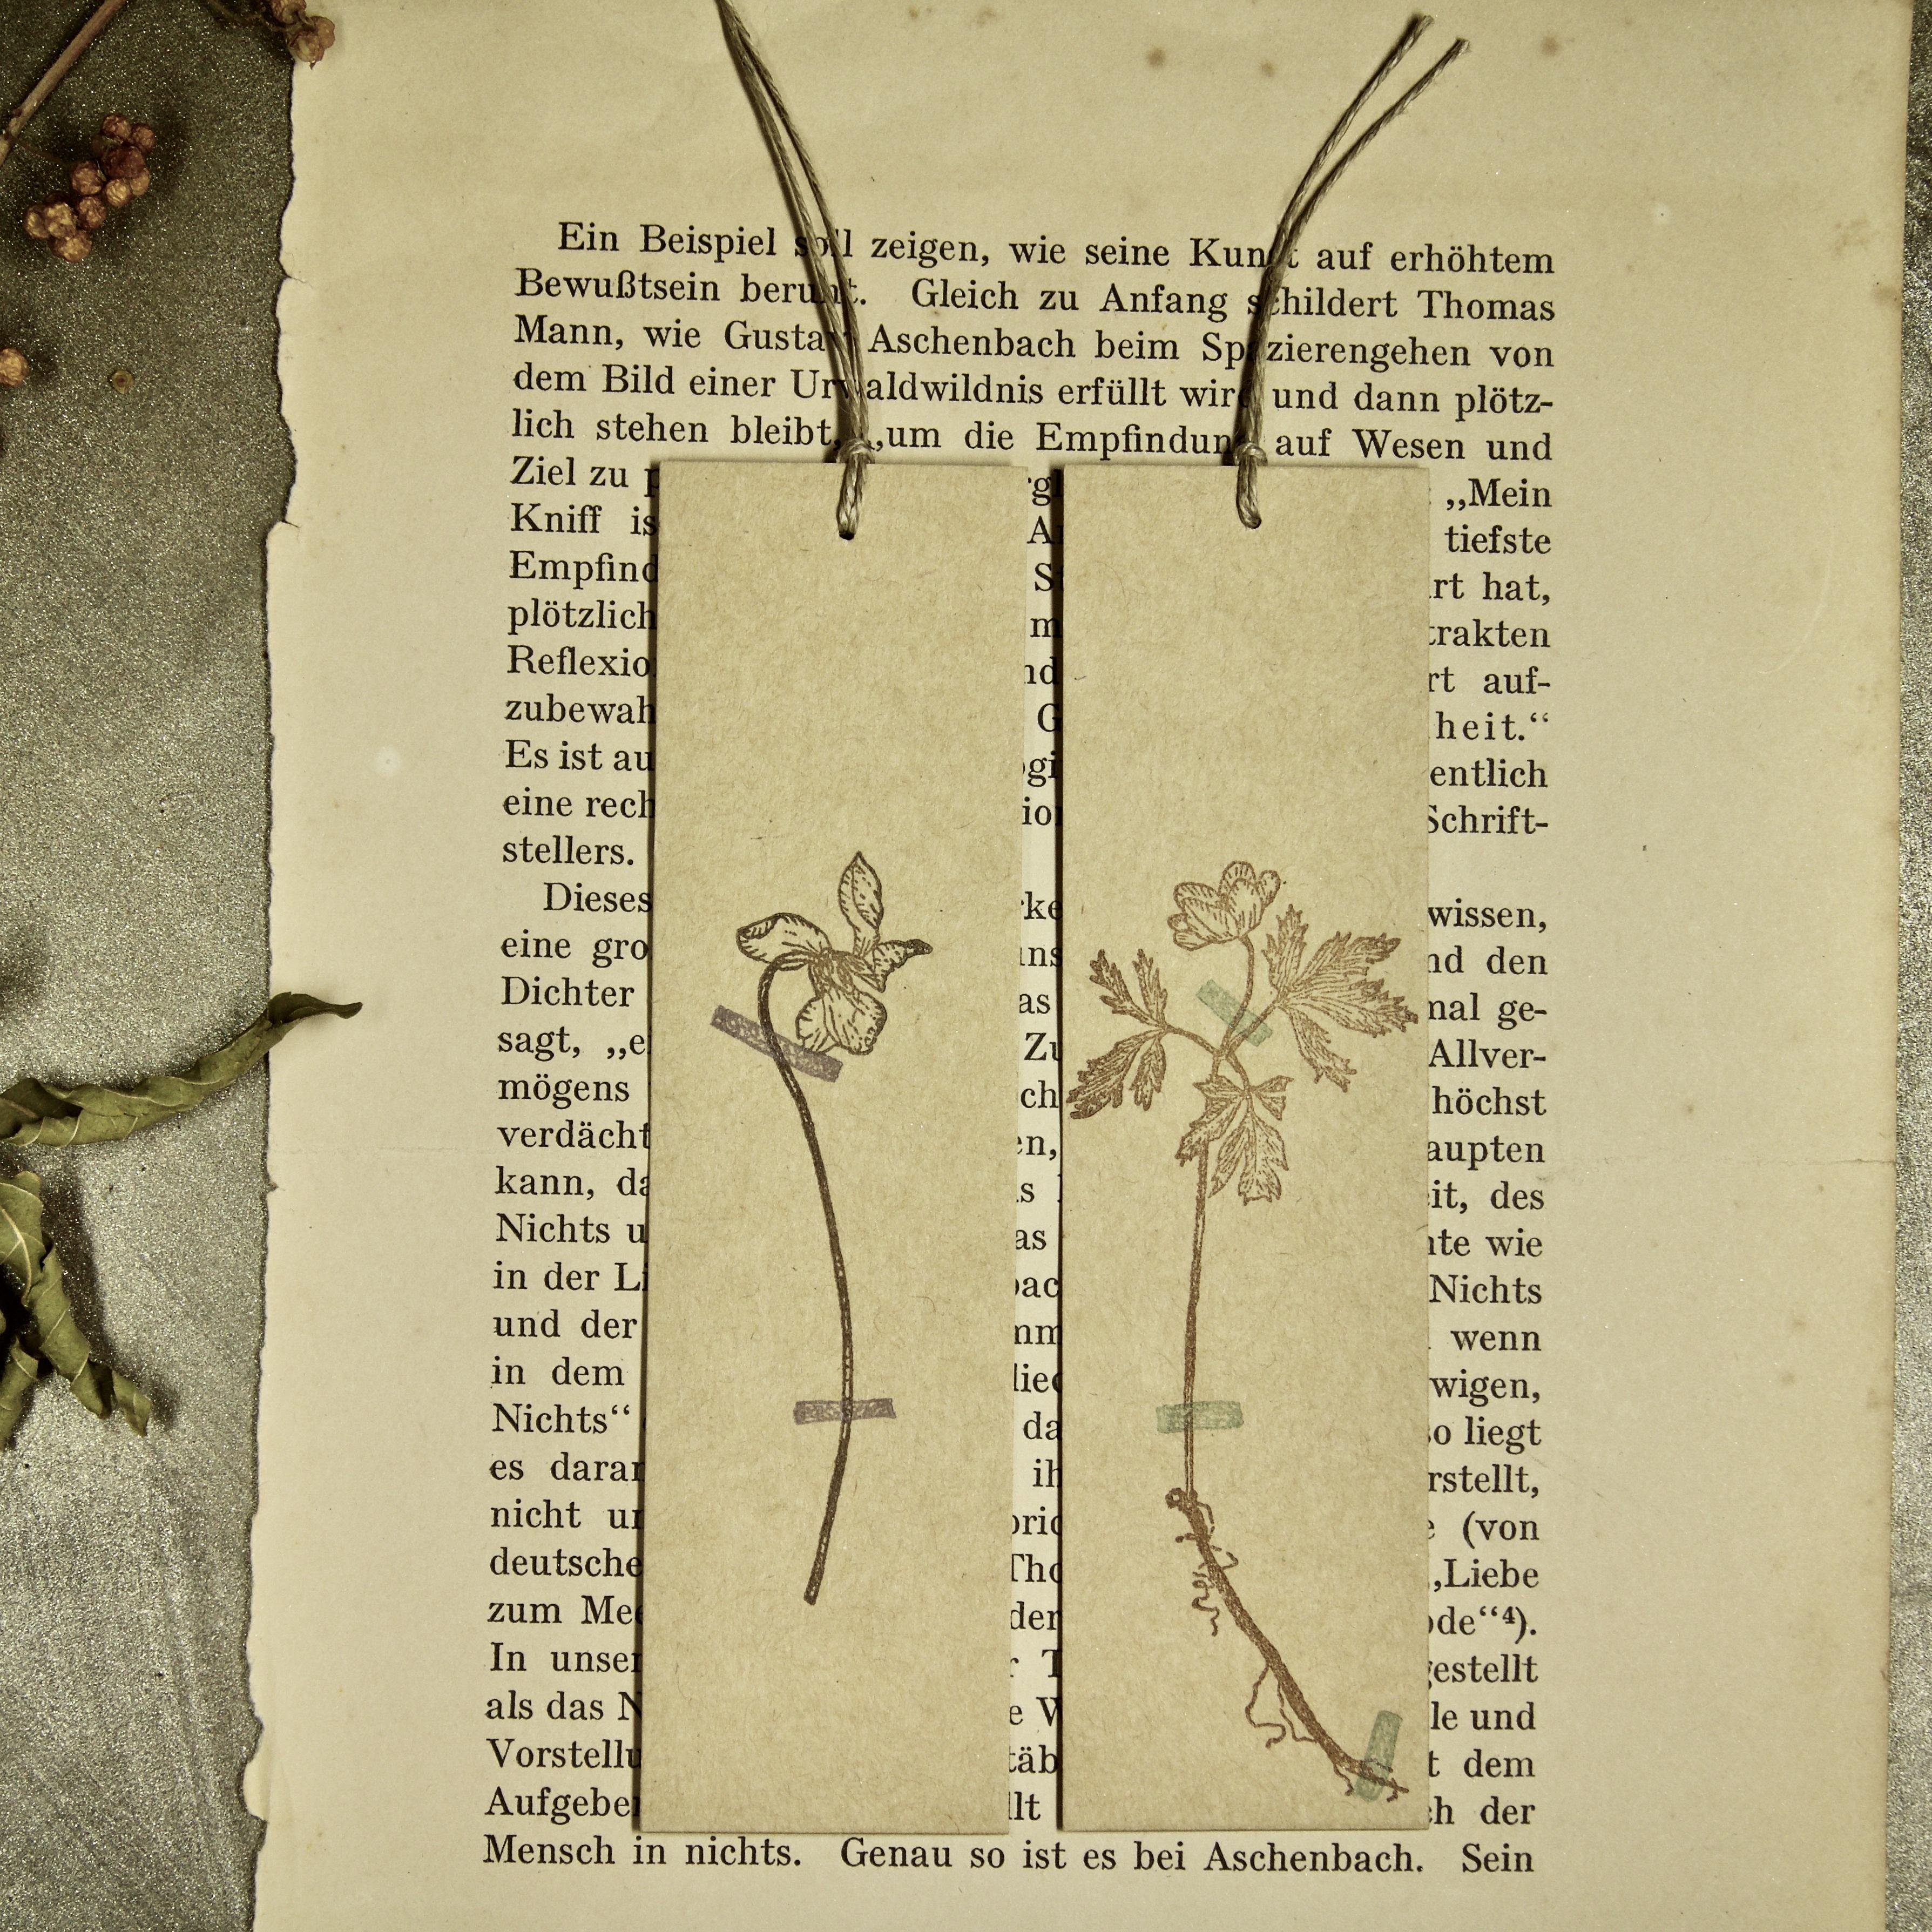 【しおり】押し花スミレ 押し花アネモネ 2枚組/活版印刷